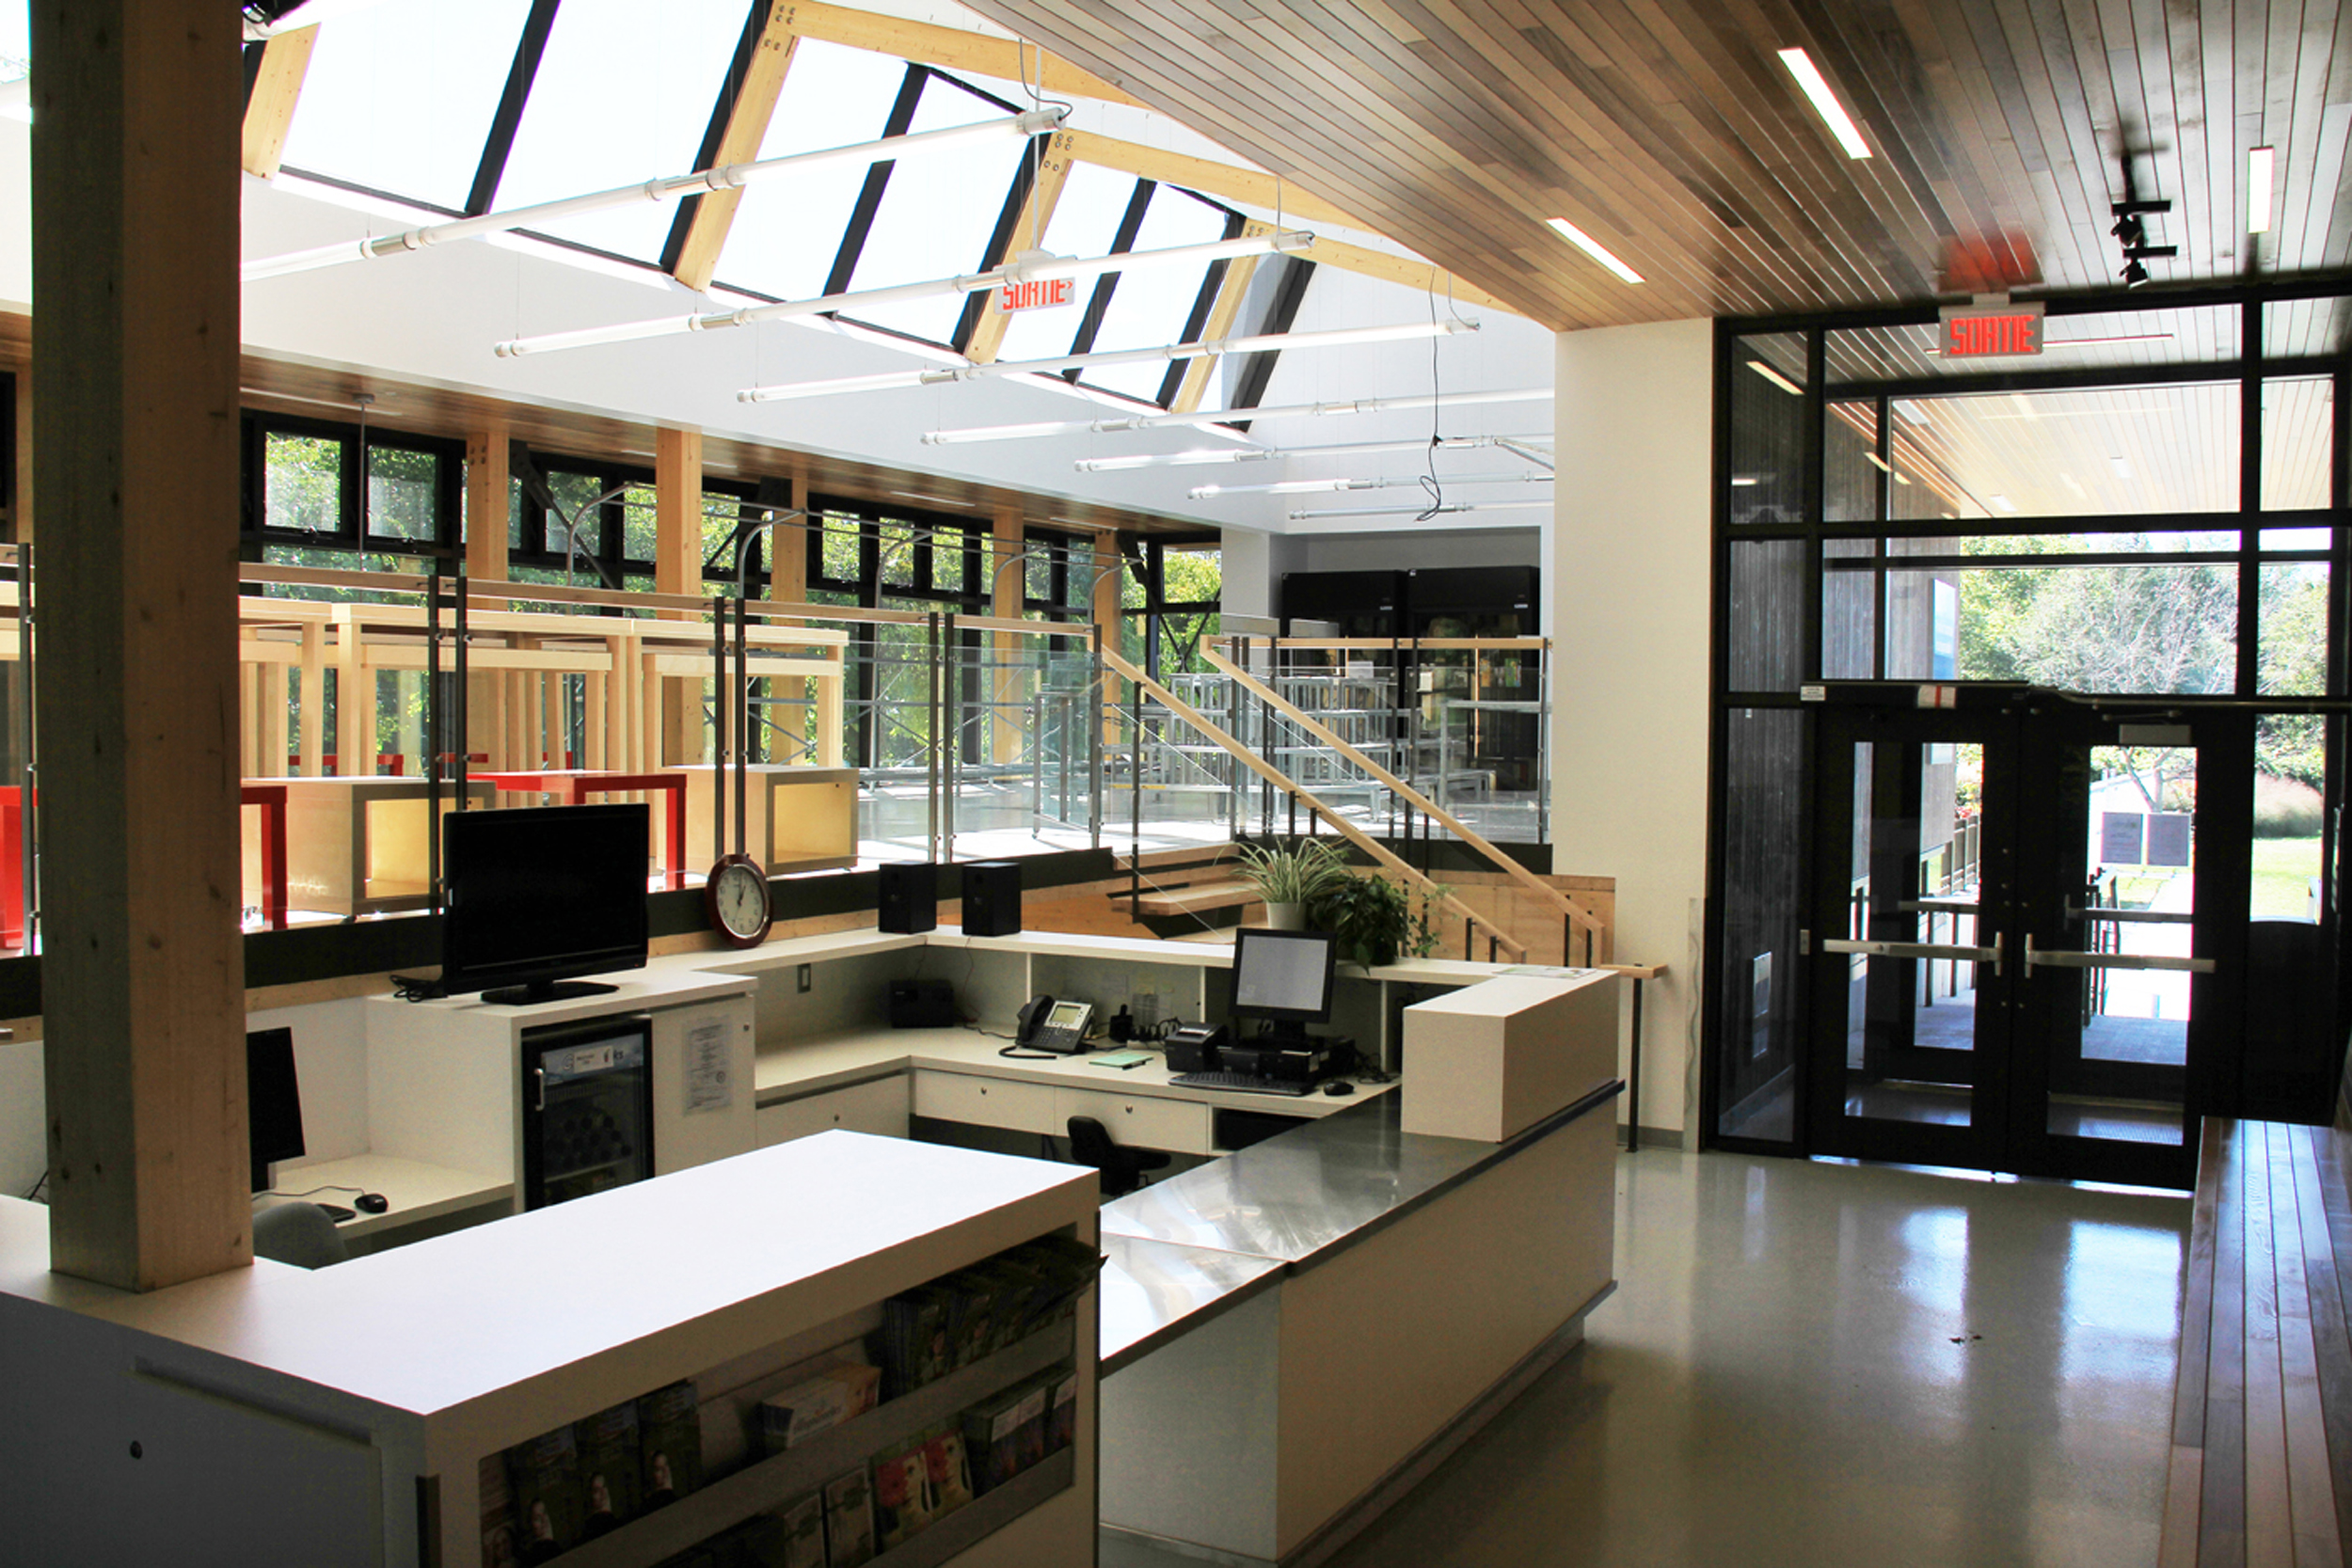 Pavillon horticole écoresponsable – ITA Campus de St-Hyacinthe Cecobois 4